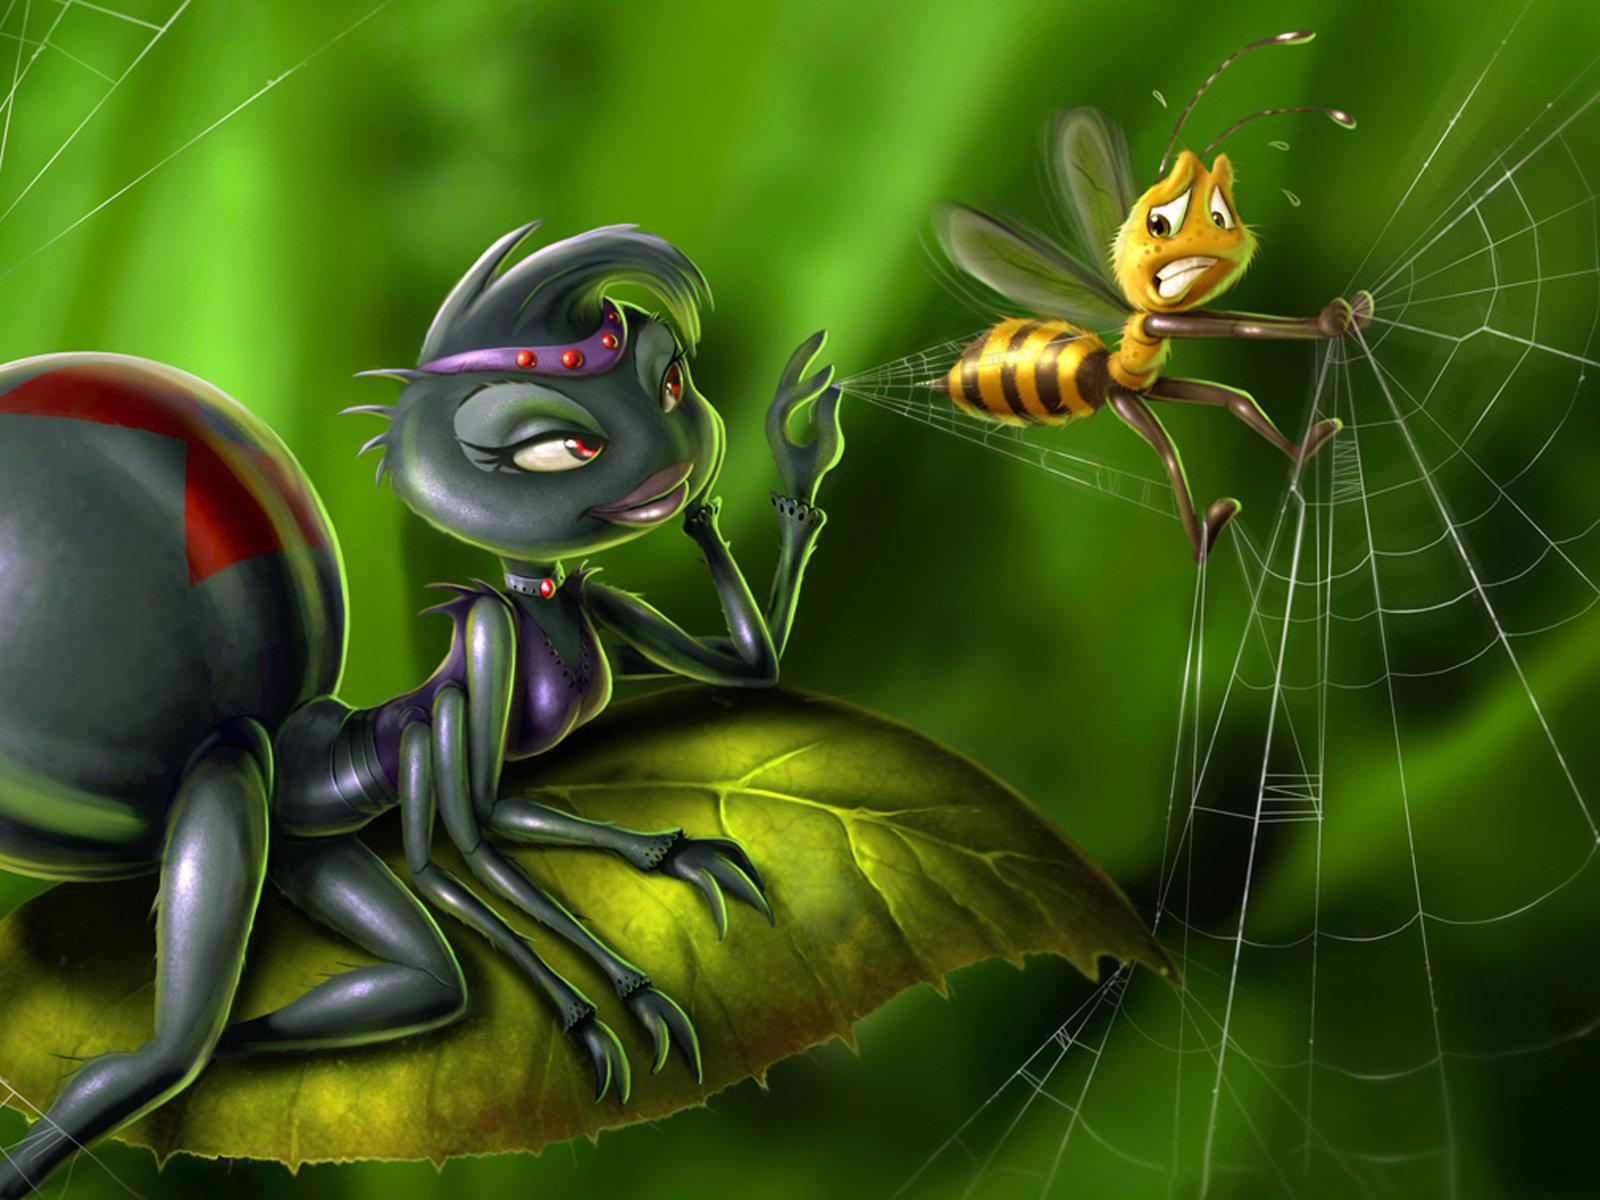 http://2.bp.blogspot.com/-2iaINmoHUNg/Tl2H4sKnH0I/AAAAAAAAEM4/NNvmwde6Lkg/s1600/Funny+Bee+wallpaper2.jpg